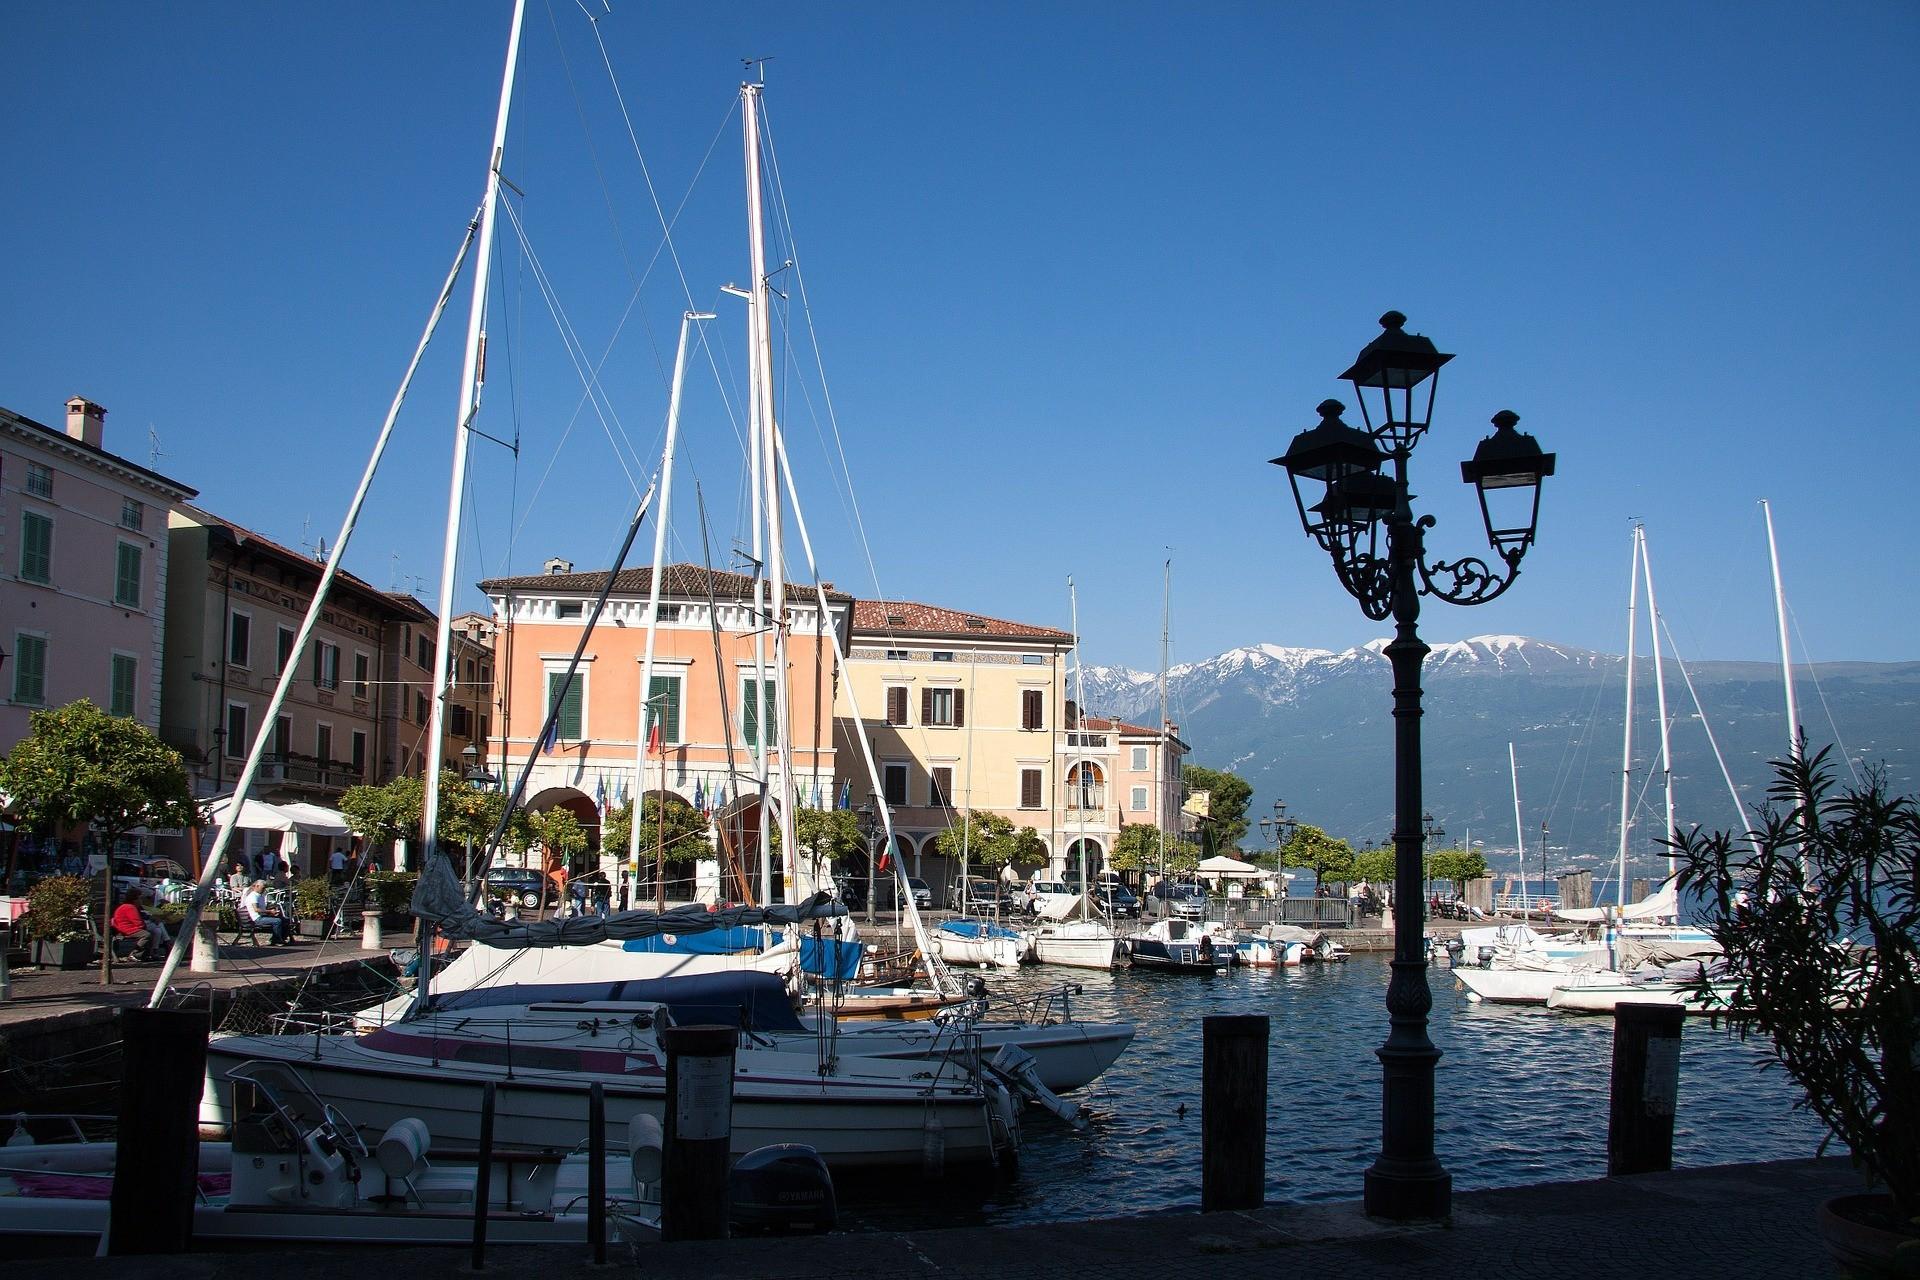 Gargnano, Beliebte Urlaubsziele am Gardase